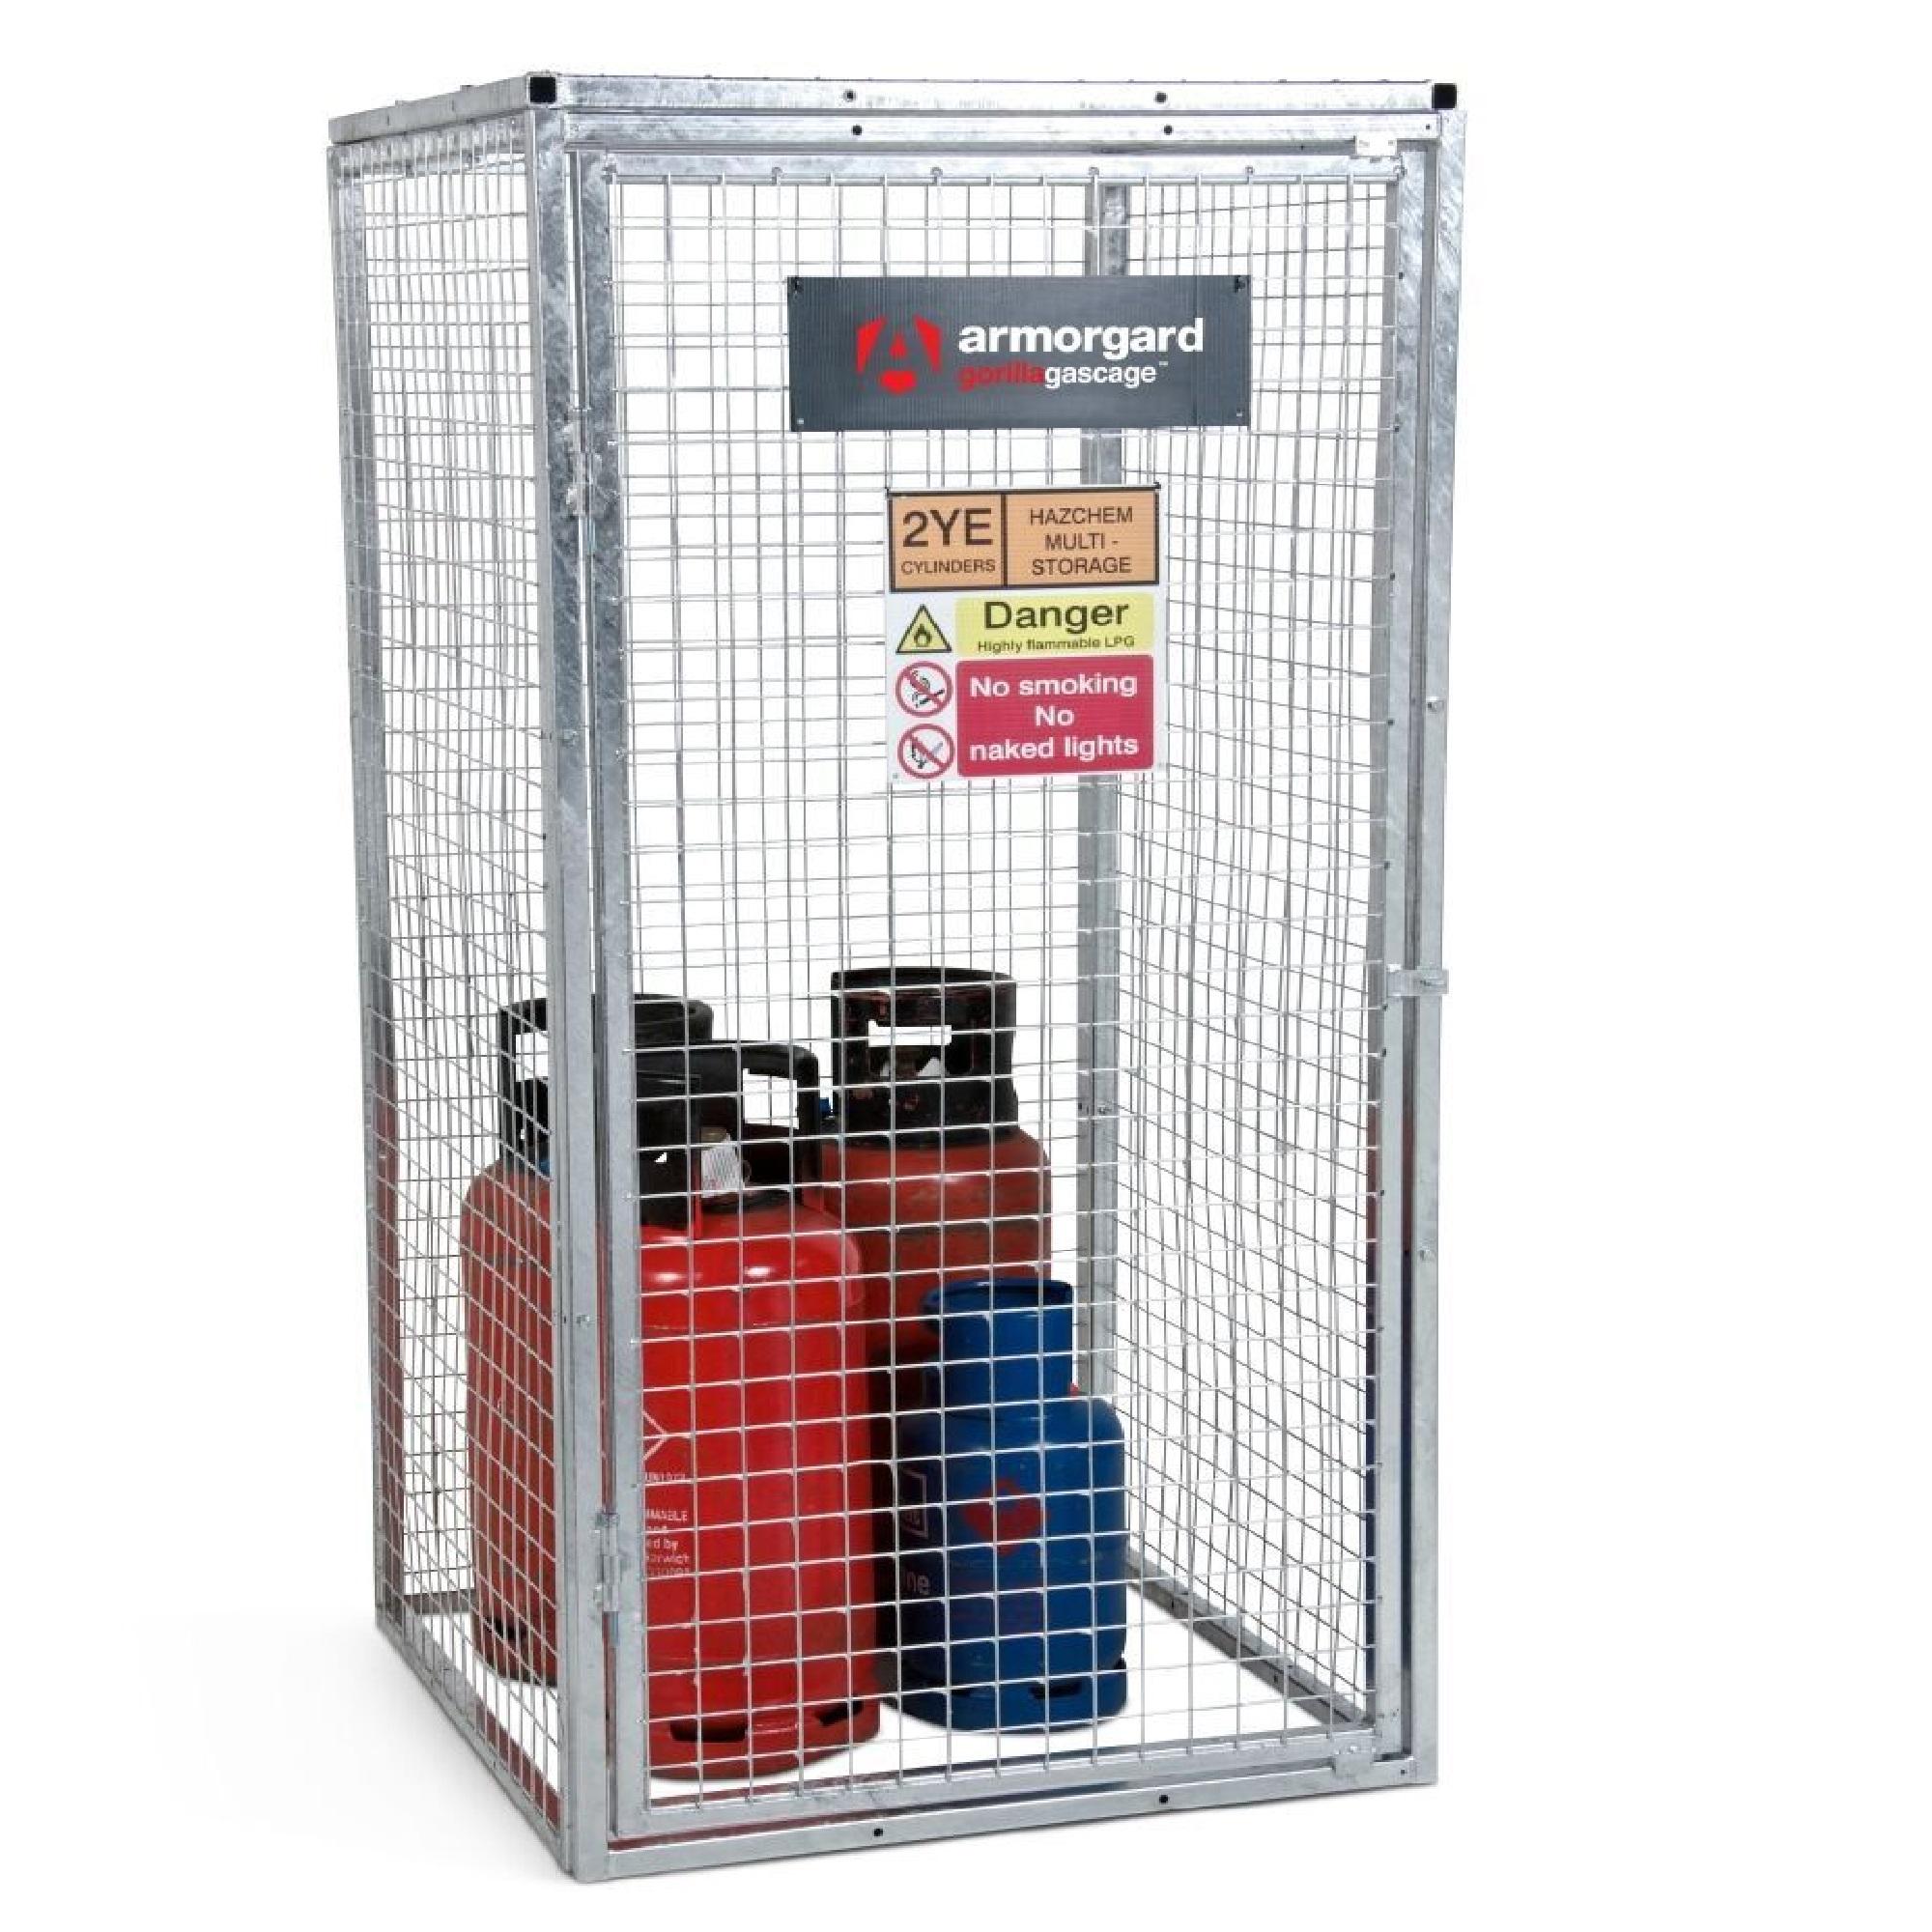 Armorgard Gorilla Gas Bottle Cage GGC5